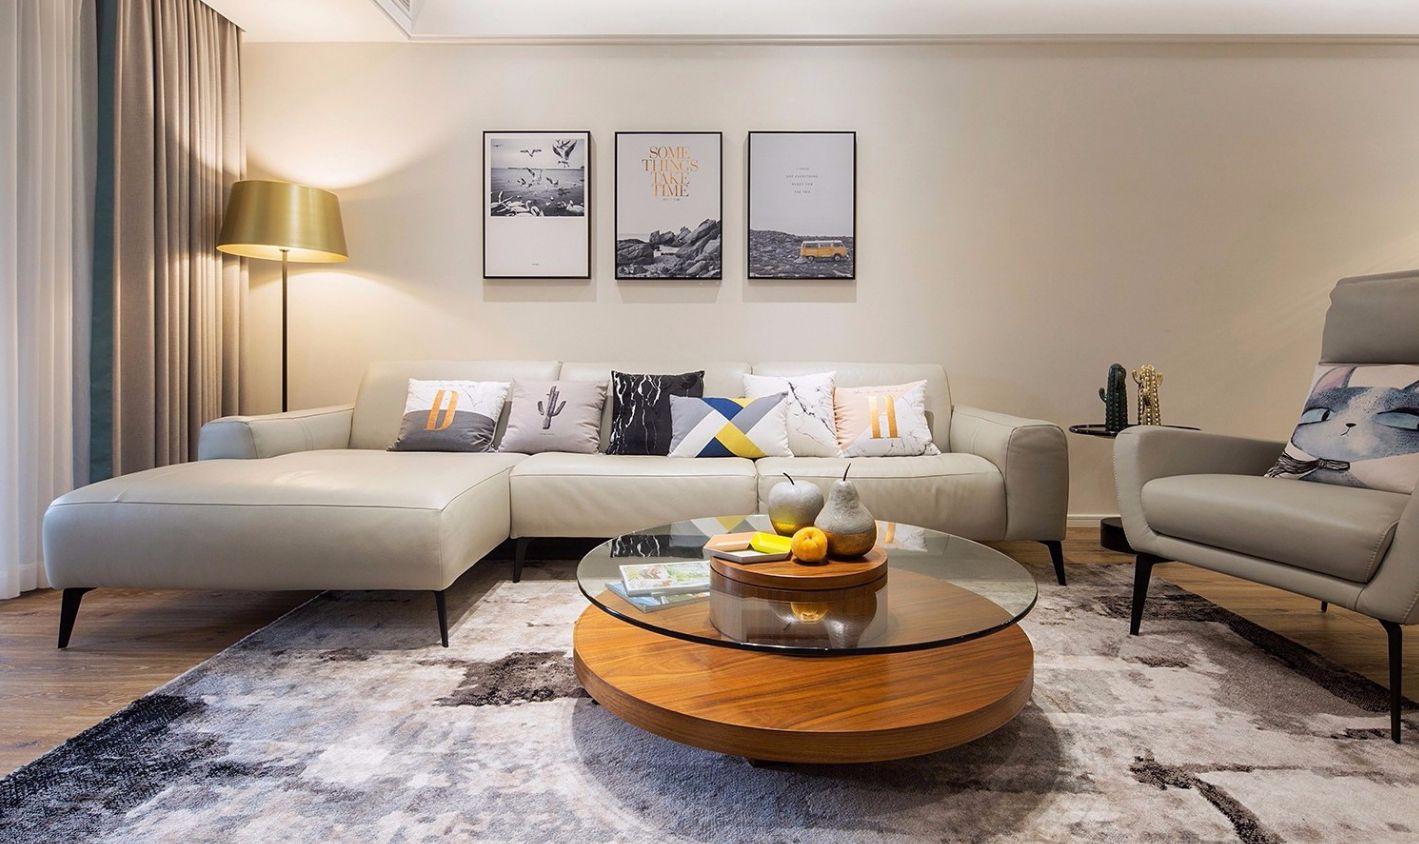 127㎡现代简约沙发背景墙装修效果图